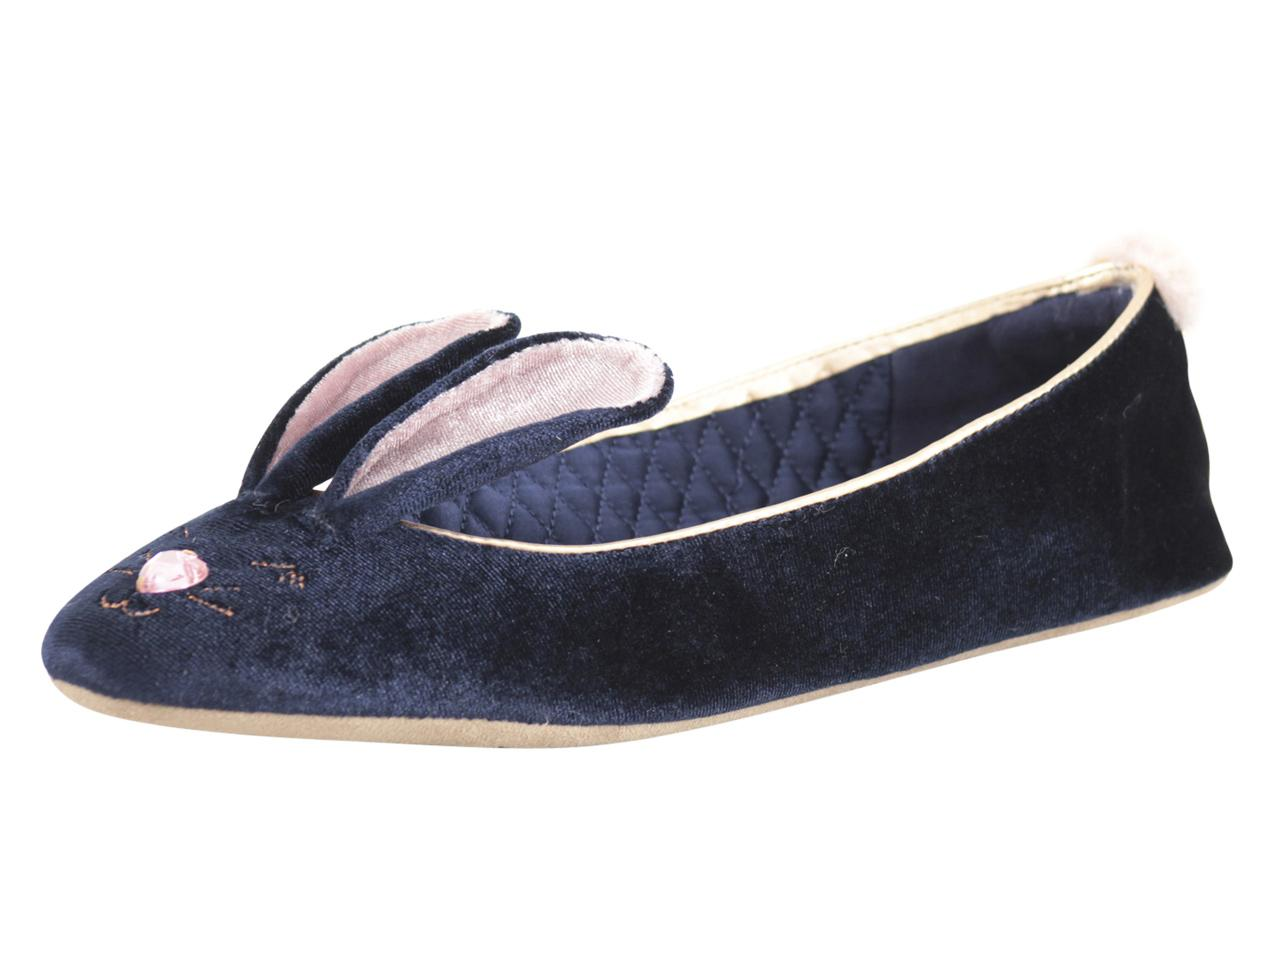 f99dafa7909 Ted Baker Women s Bhunni Velvet Slippers Shoes by Ted Baker